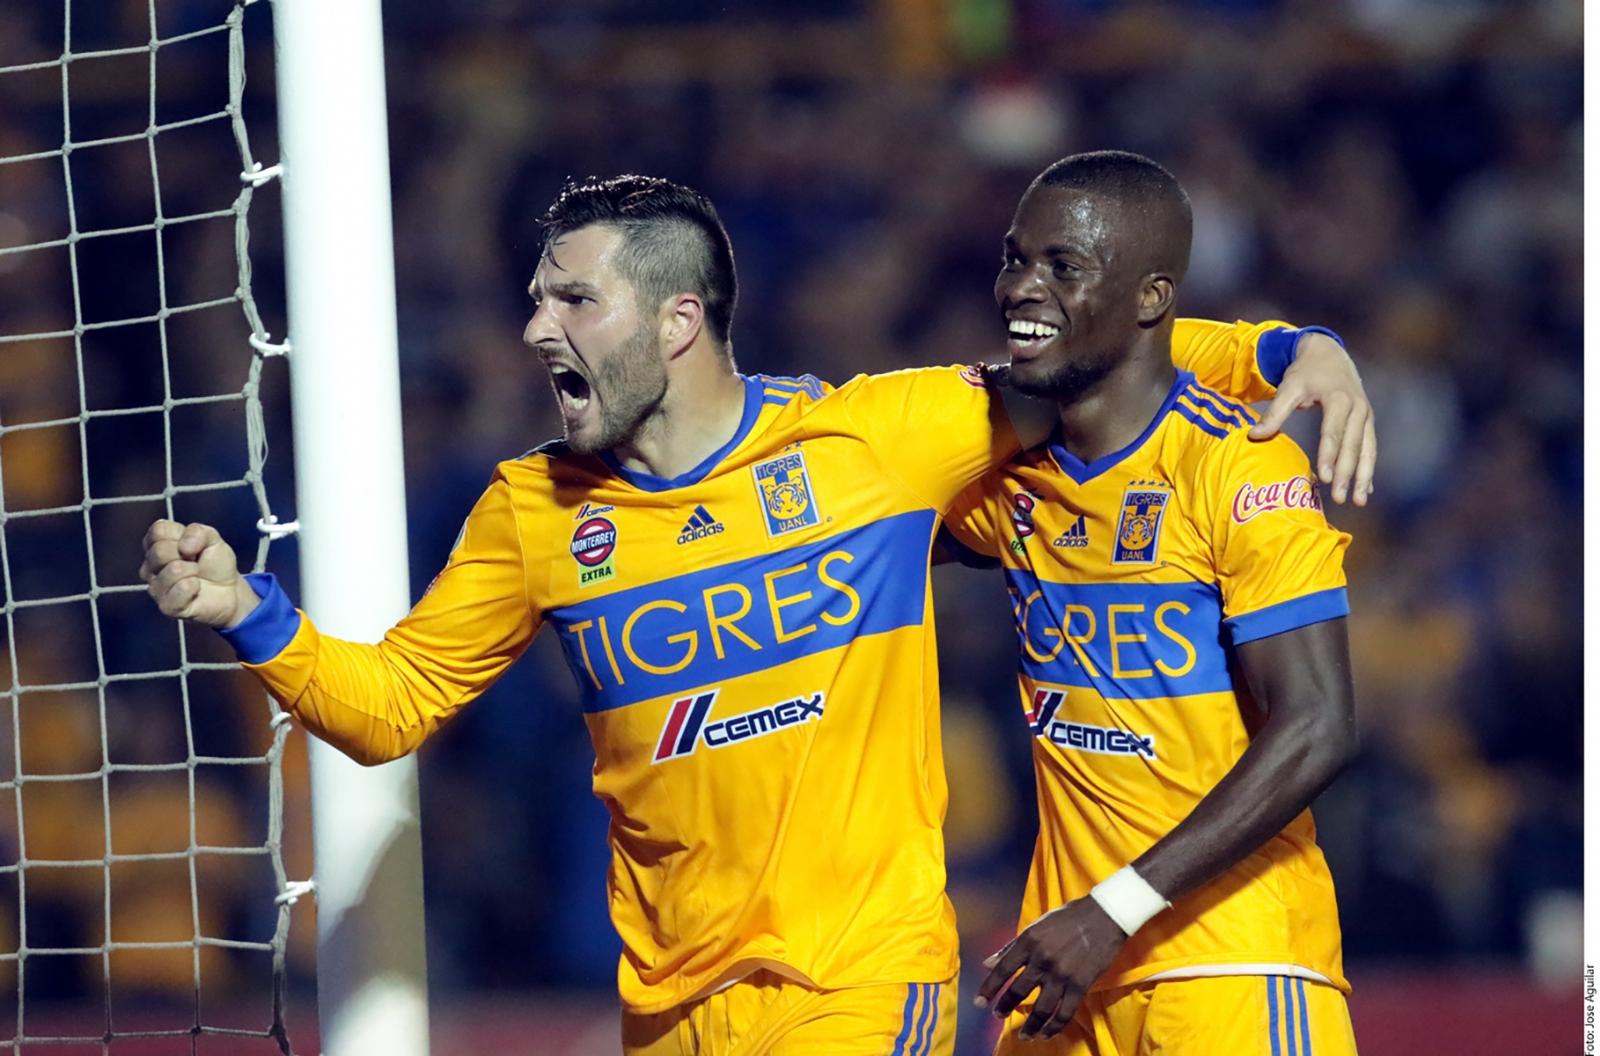 Llegan Monterrey y Tigres como favoritos a los partidos de vuelta